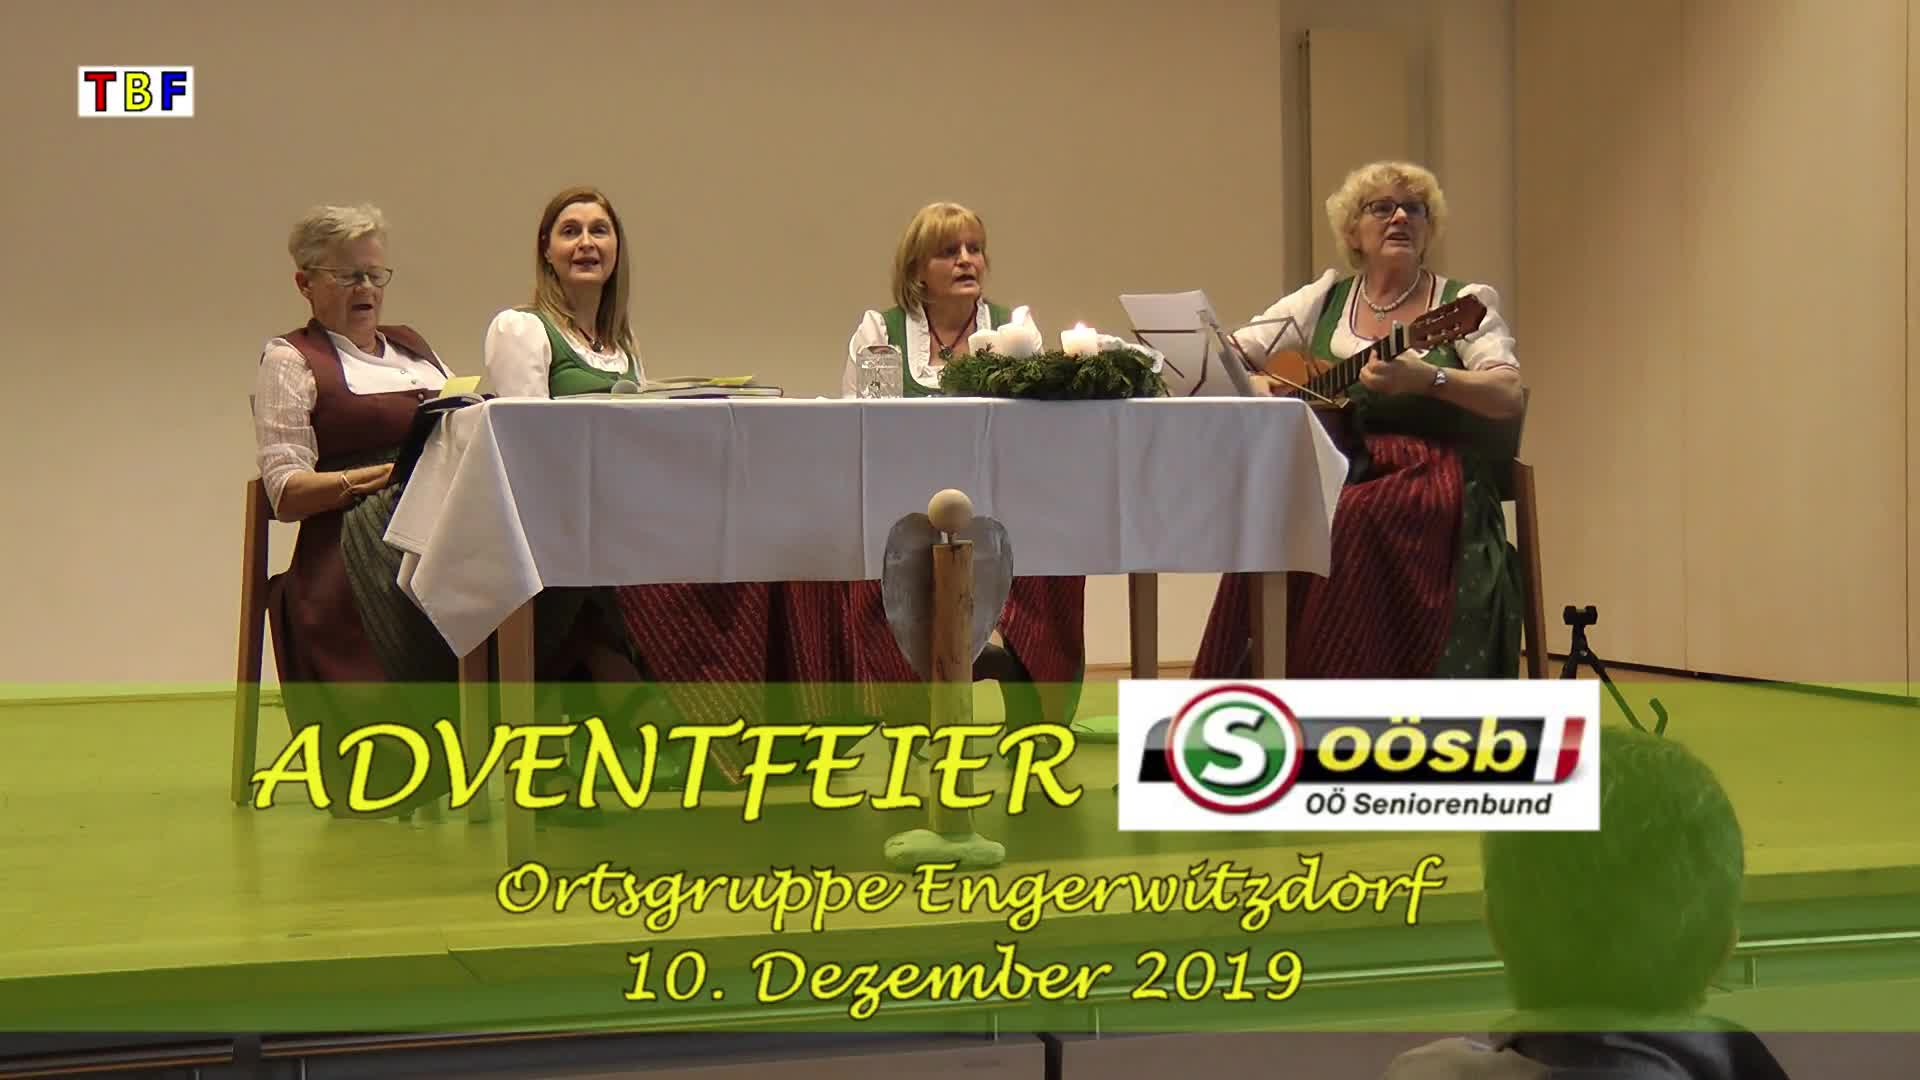 Adventfeier - Seniorenbund EWD